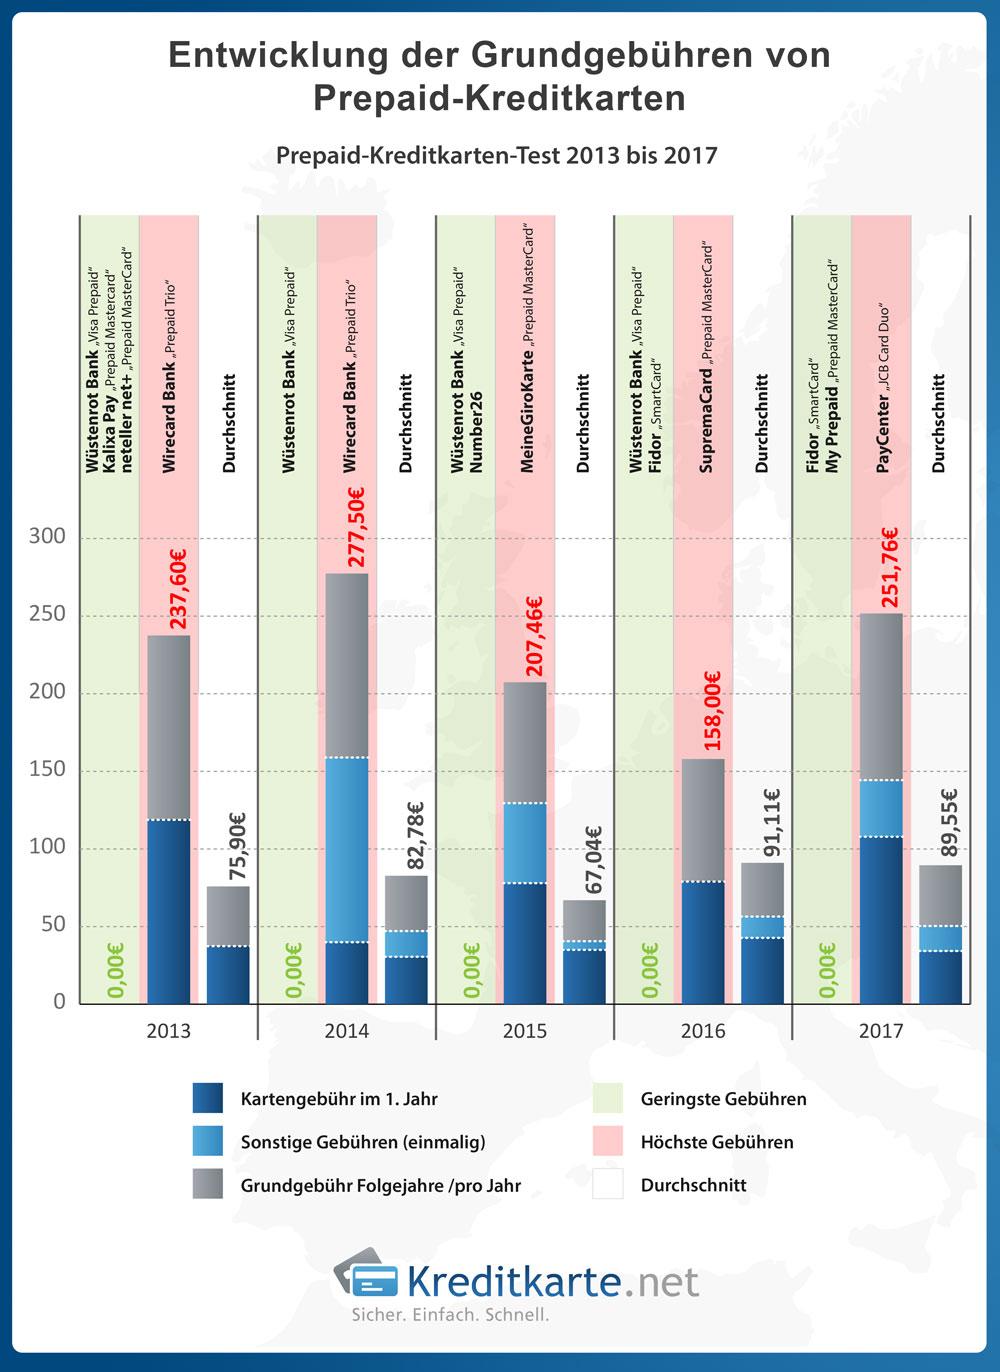 Überblick über die Grundgebührenstruktur